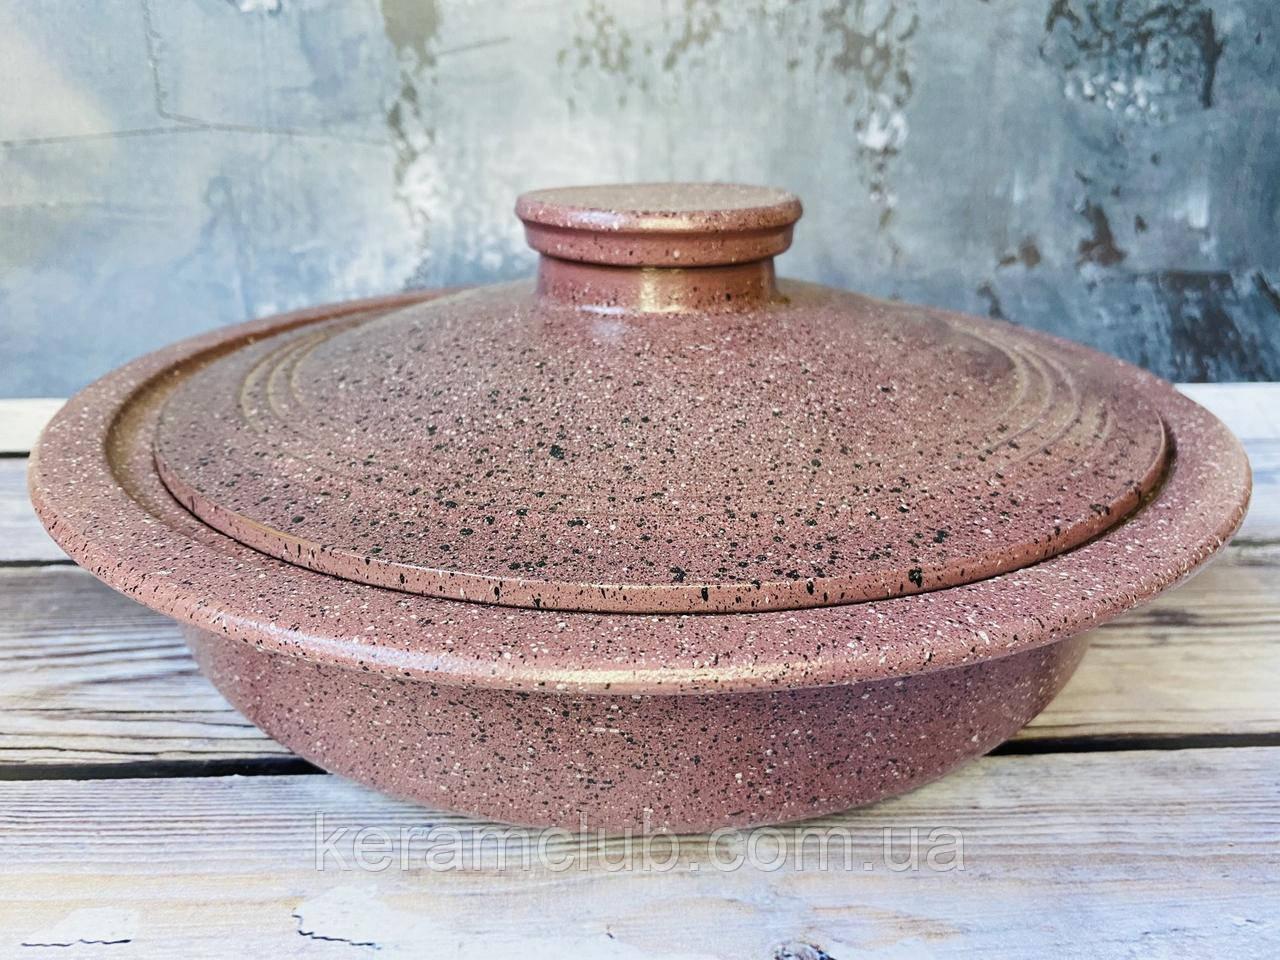 Сковорода V 2л с гранитным покрытием пыльно-розового цвета